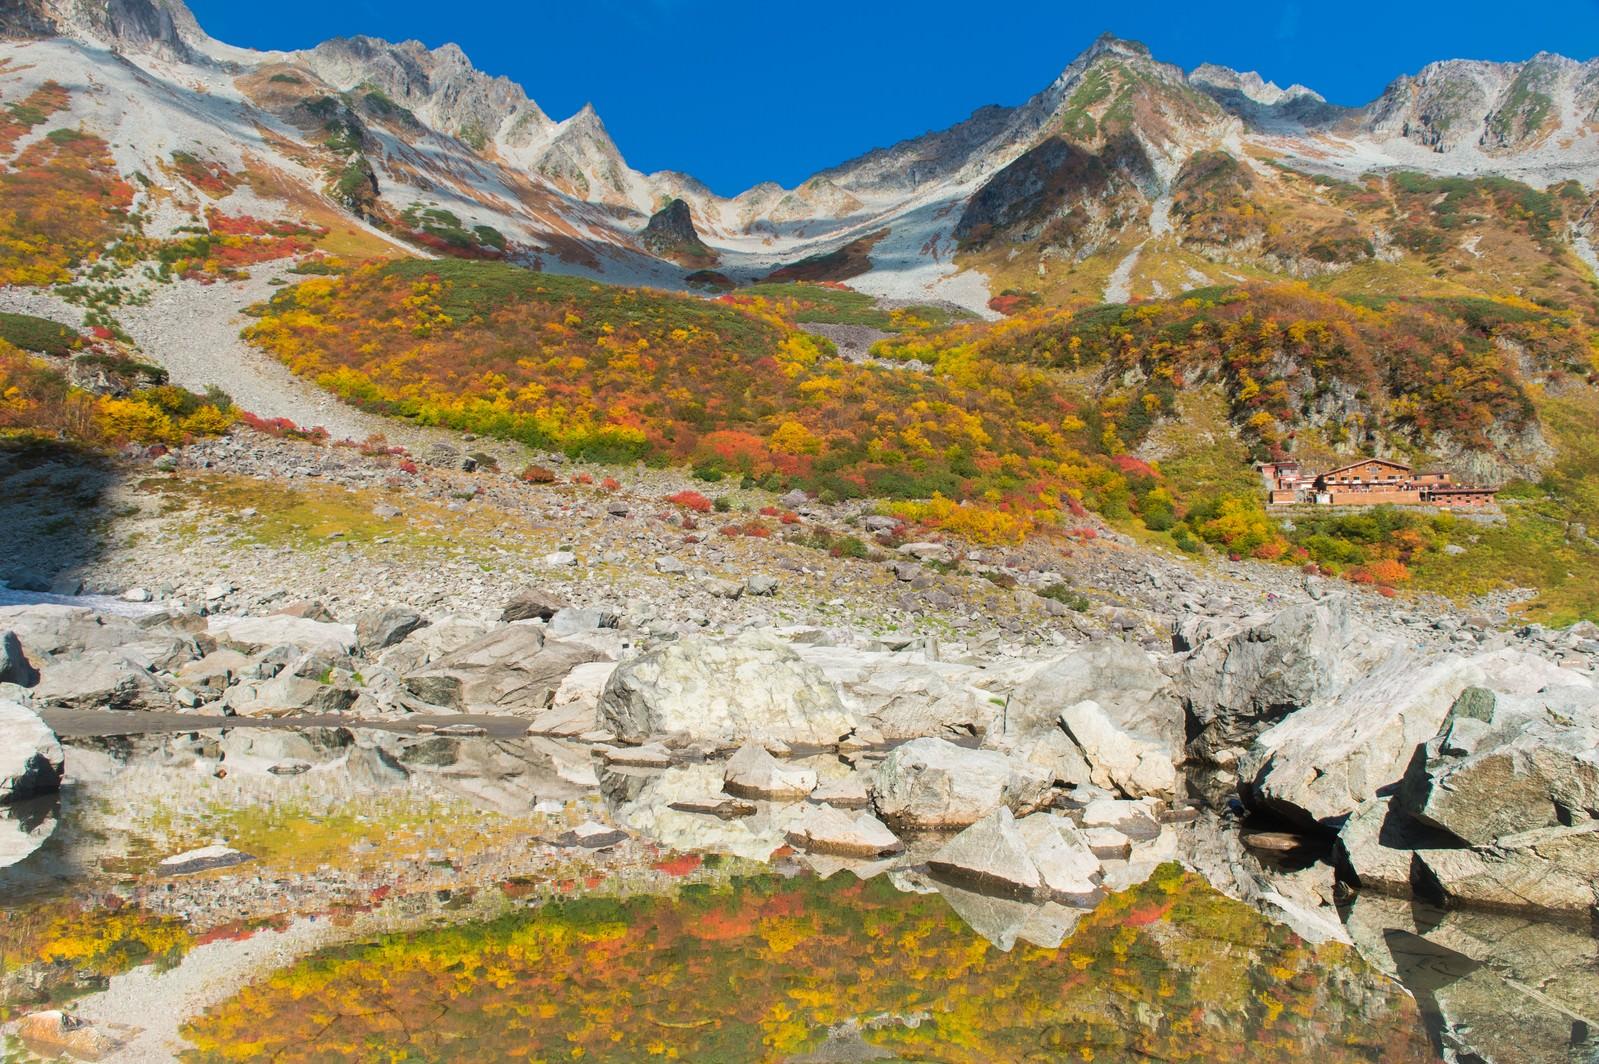 「水面に写る涸沢カールの紅葉」の写真